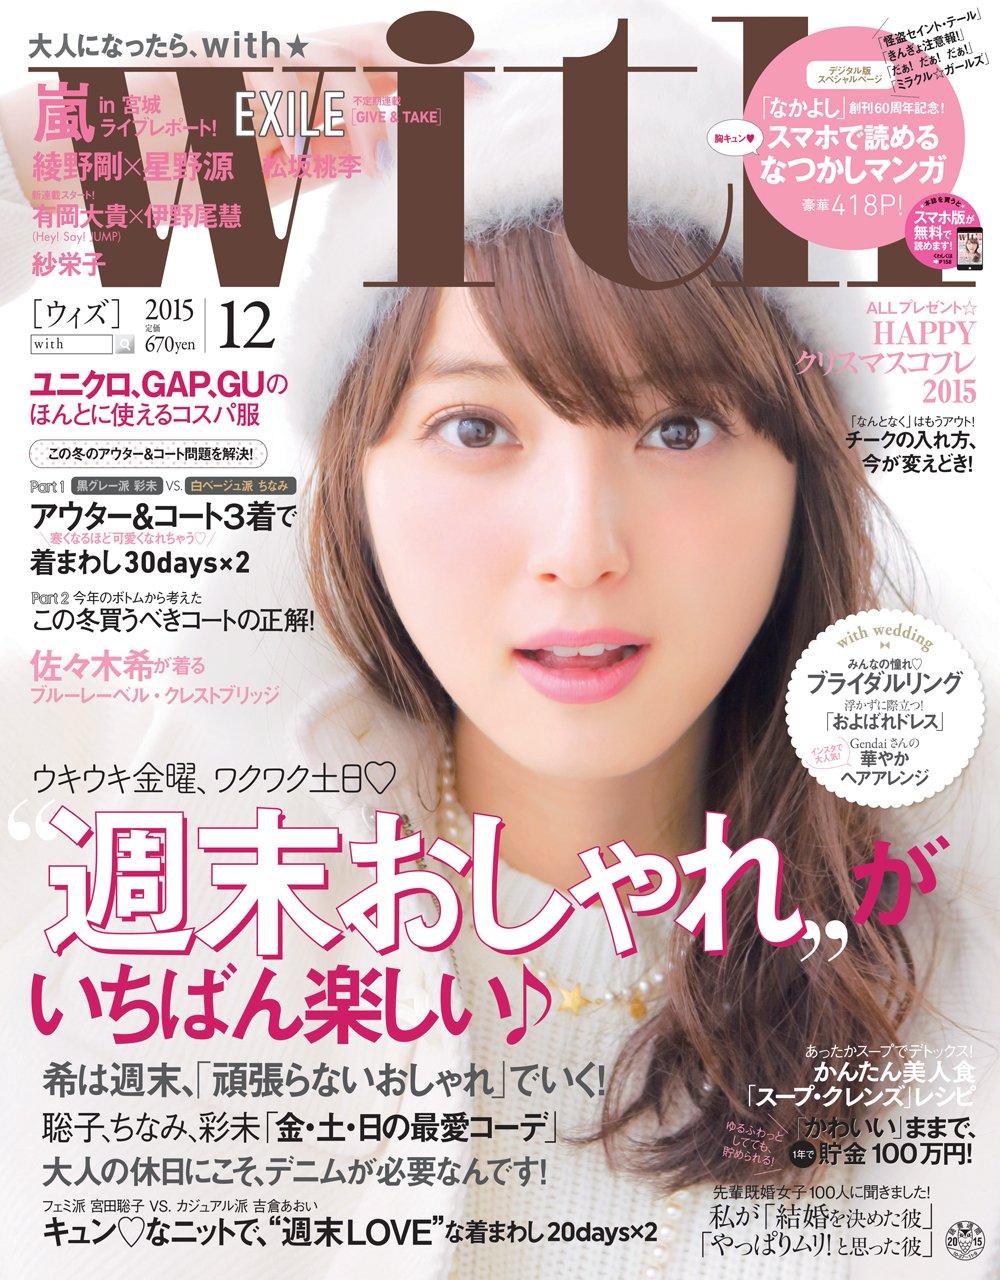 【雑誌】10月28日(水)発売『With 12月号』(講談社)にて広報 佐伯 有理が結婚式で人気のアレンジヘアについて紹介しています